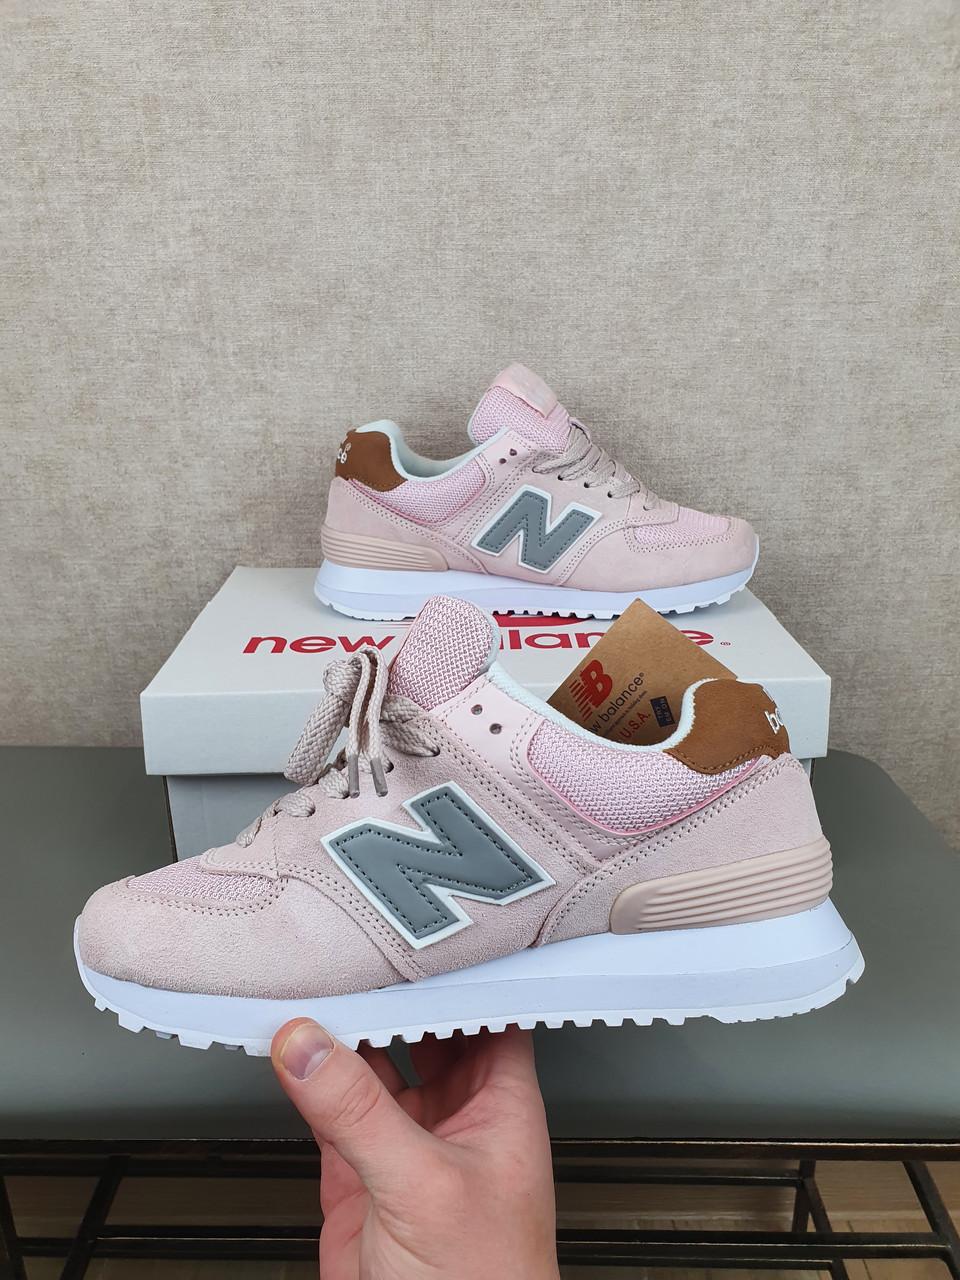 Кроси для дівчат Нью Баланс 574. New Balance 574 Жіночі кросівки нюдові (Нью Беленс 574)